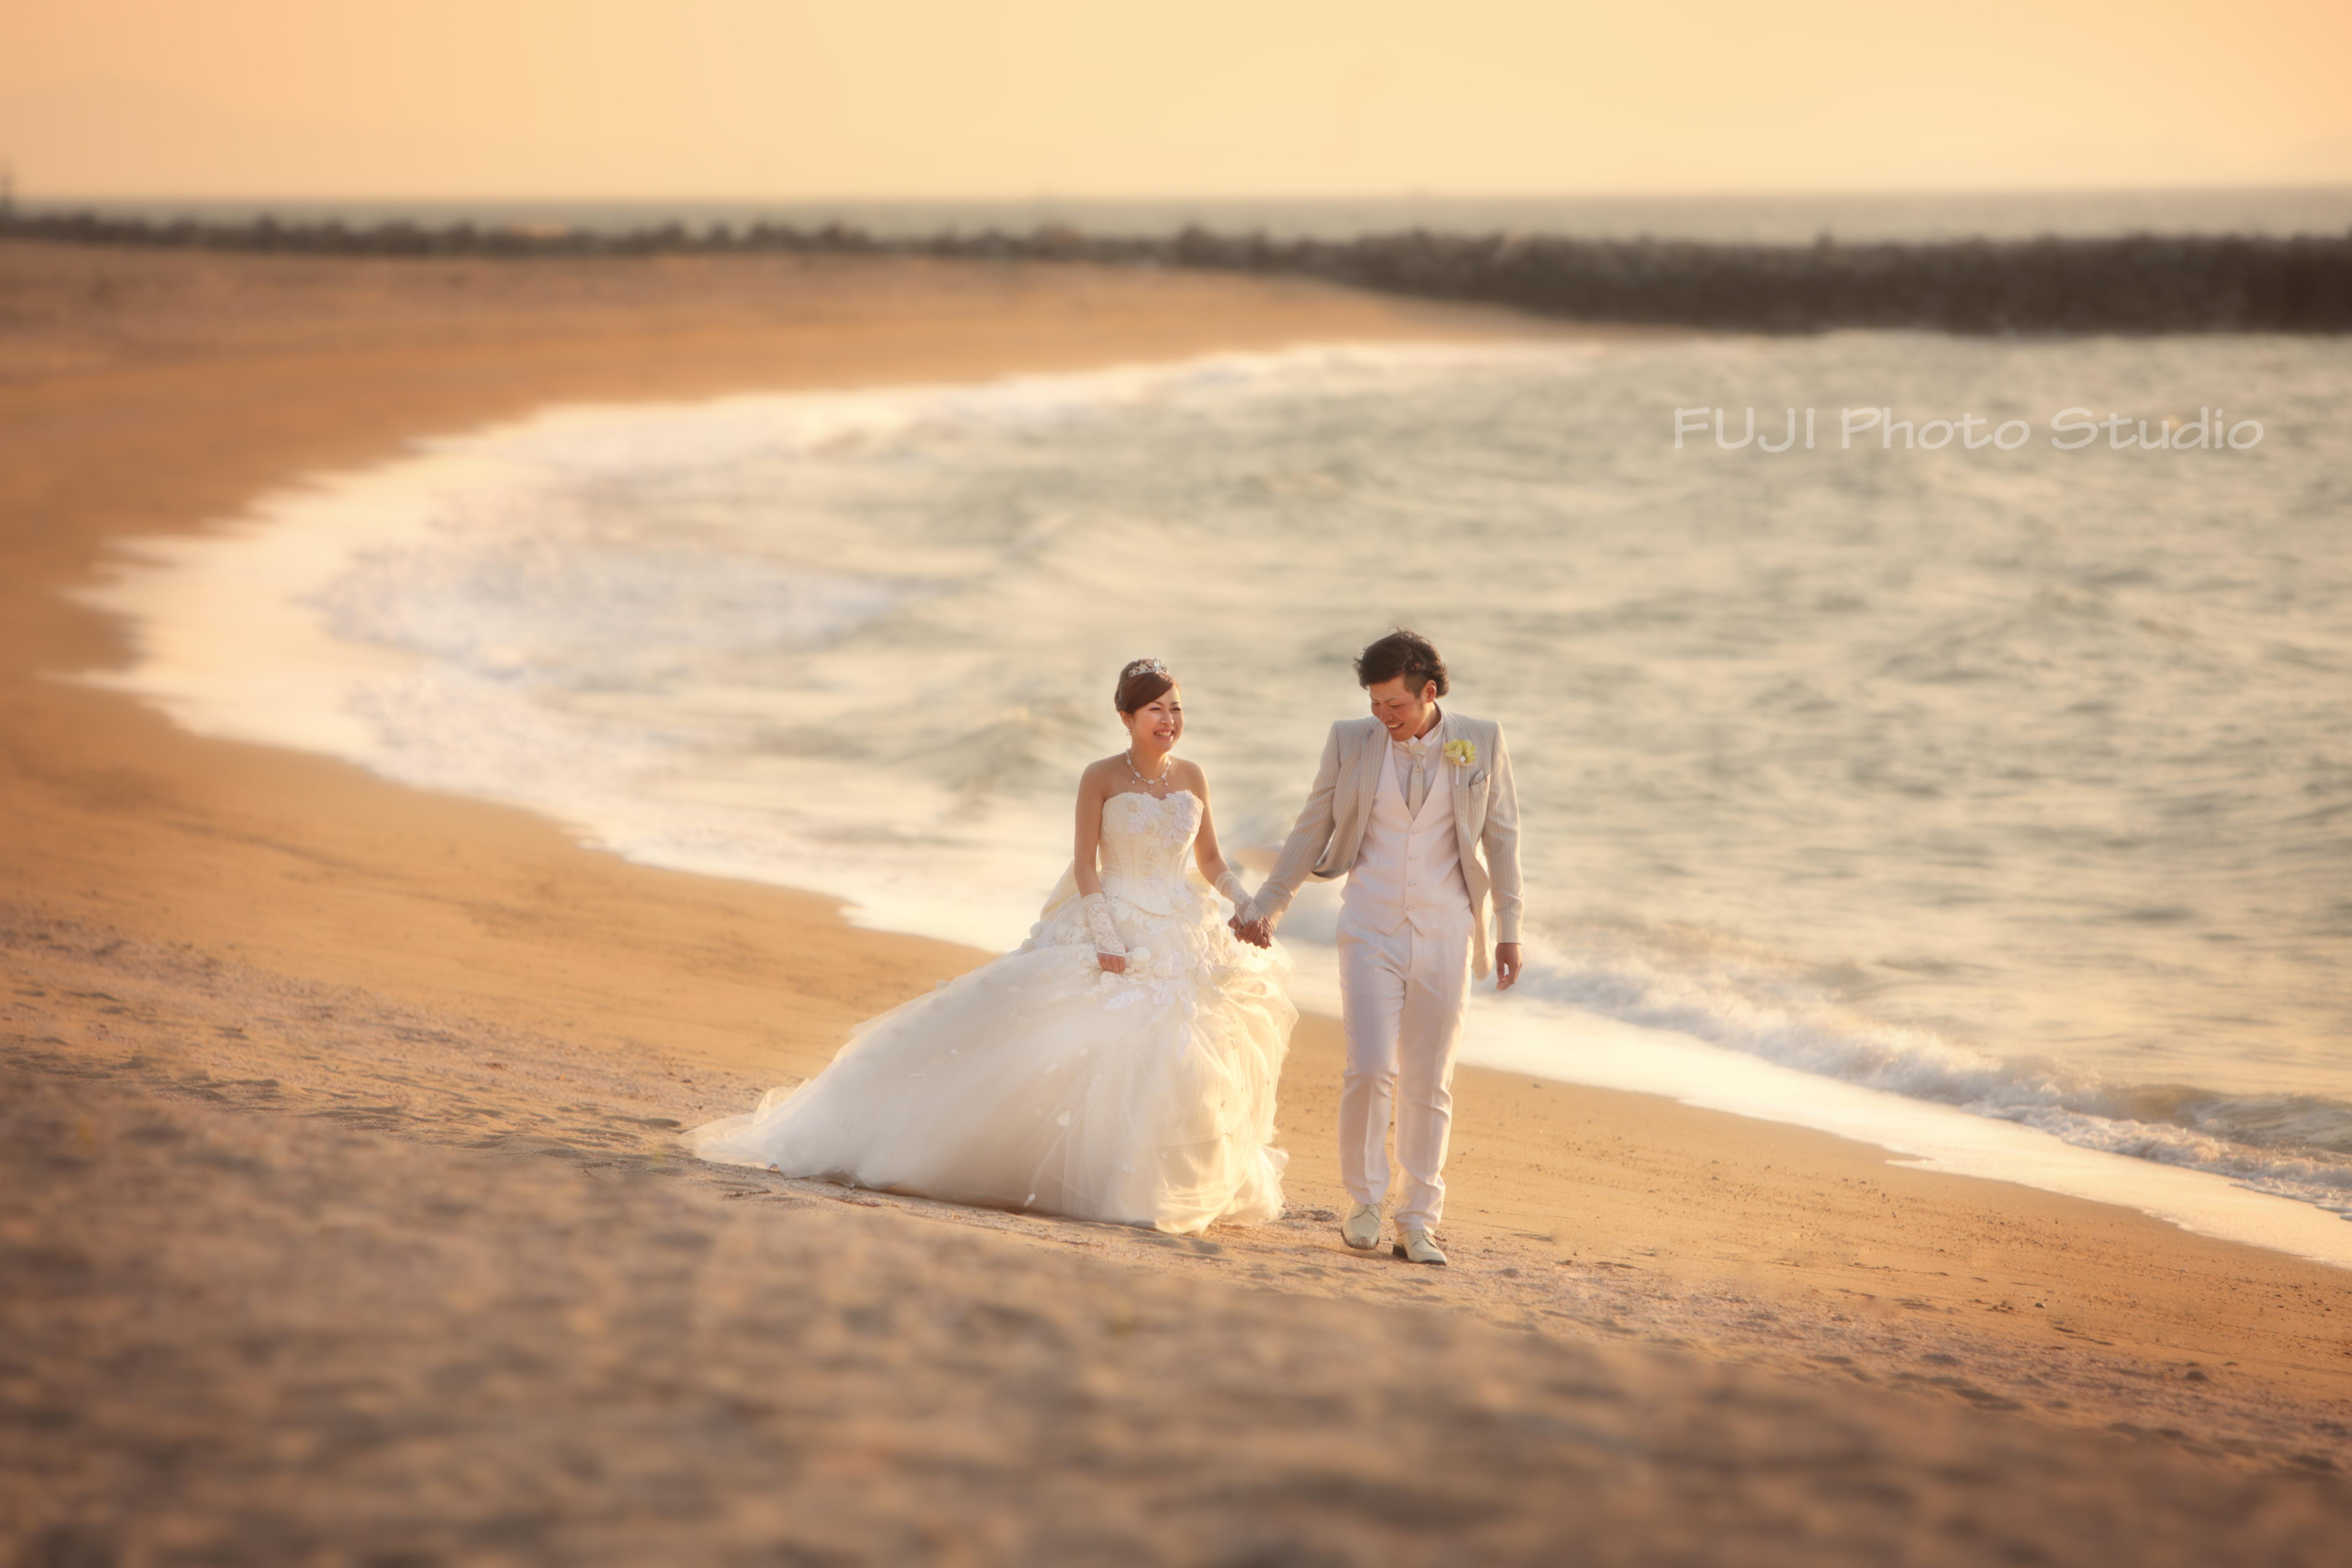 婚礼w9.png